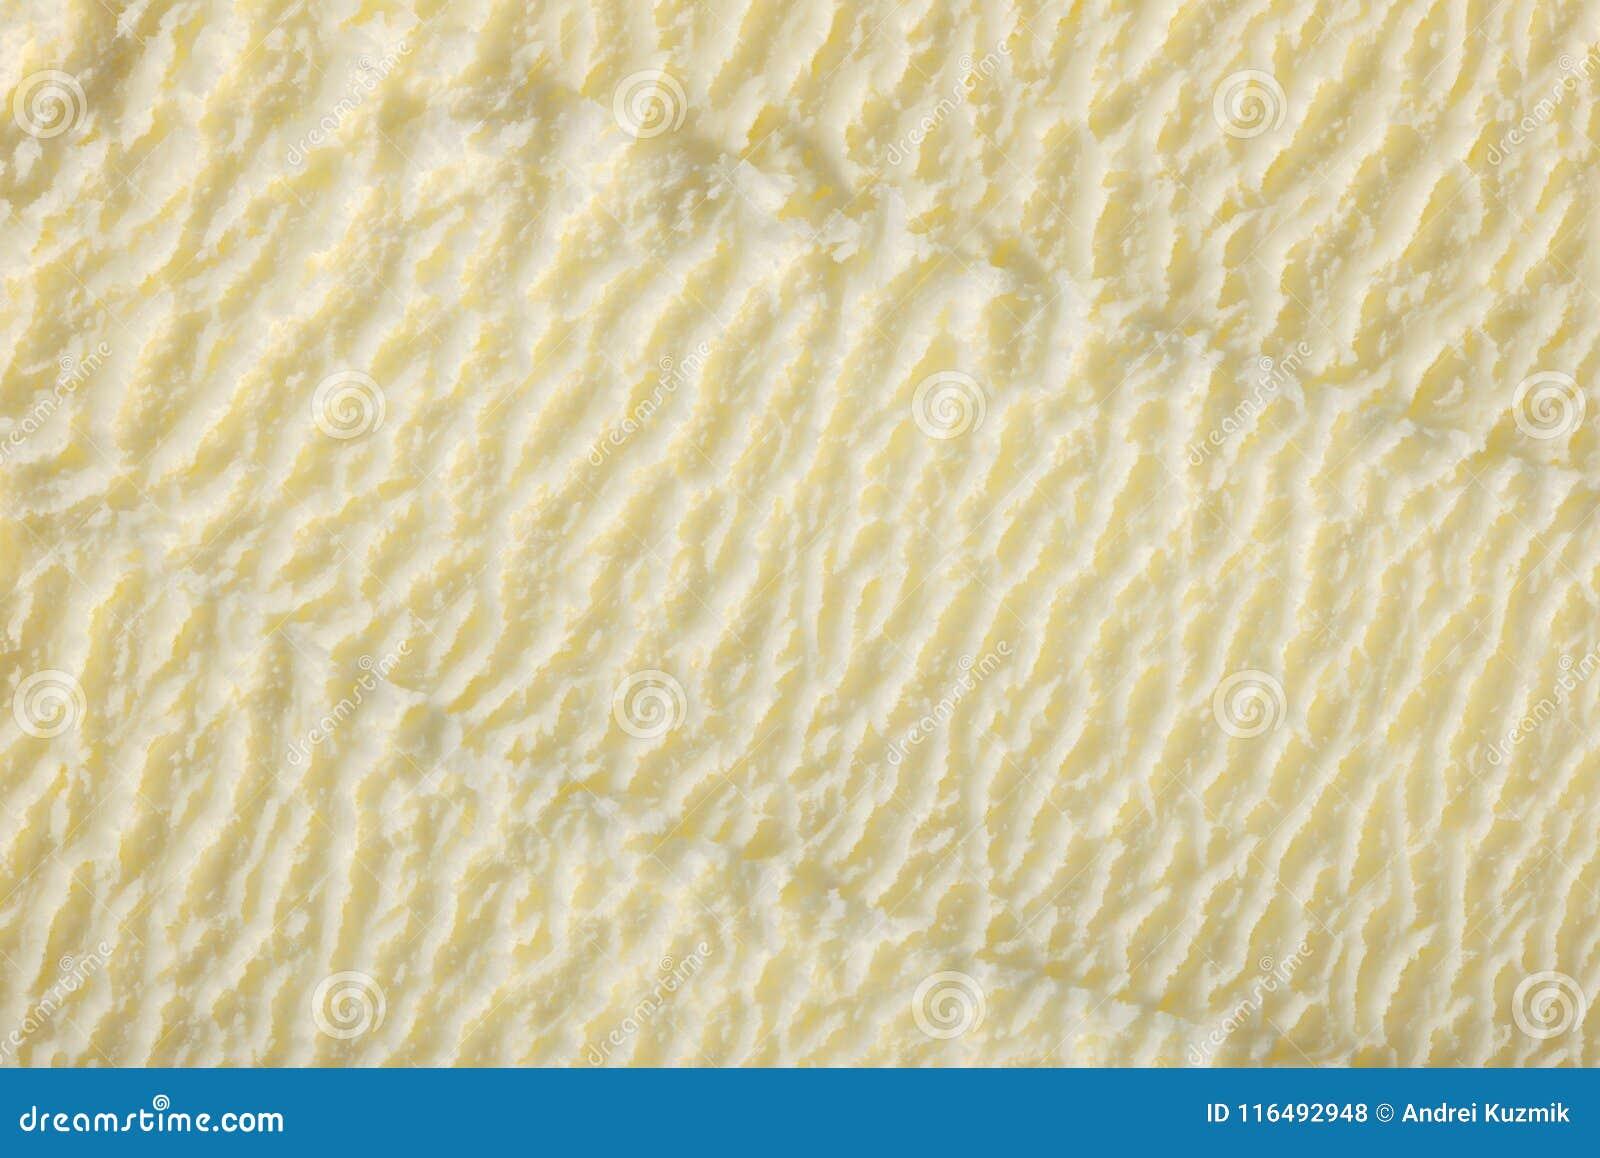 Ice cream texture stock photo. Image of refreshing, macro ...